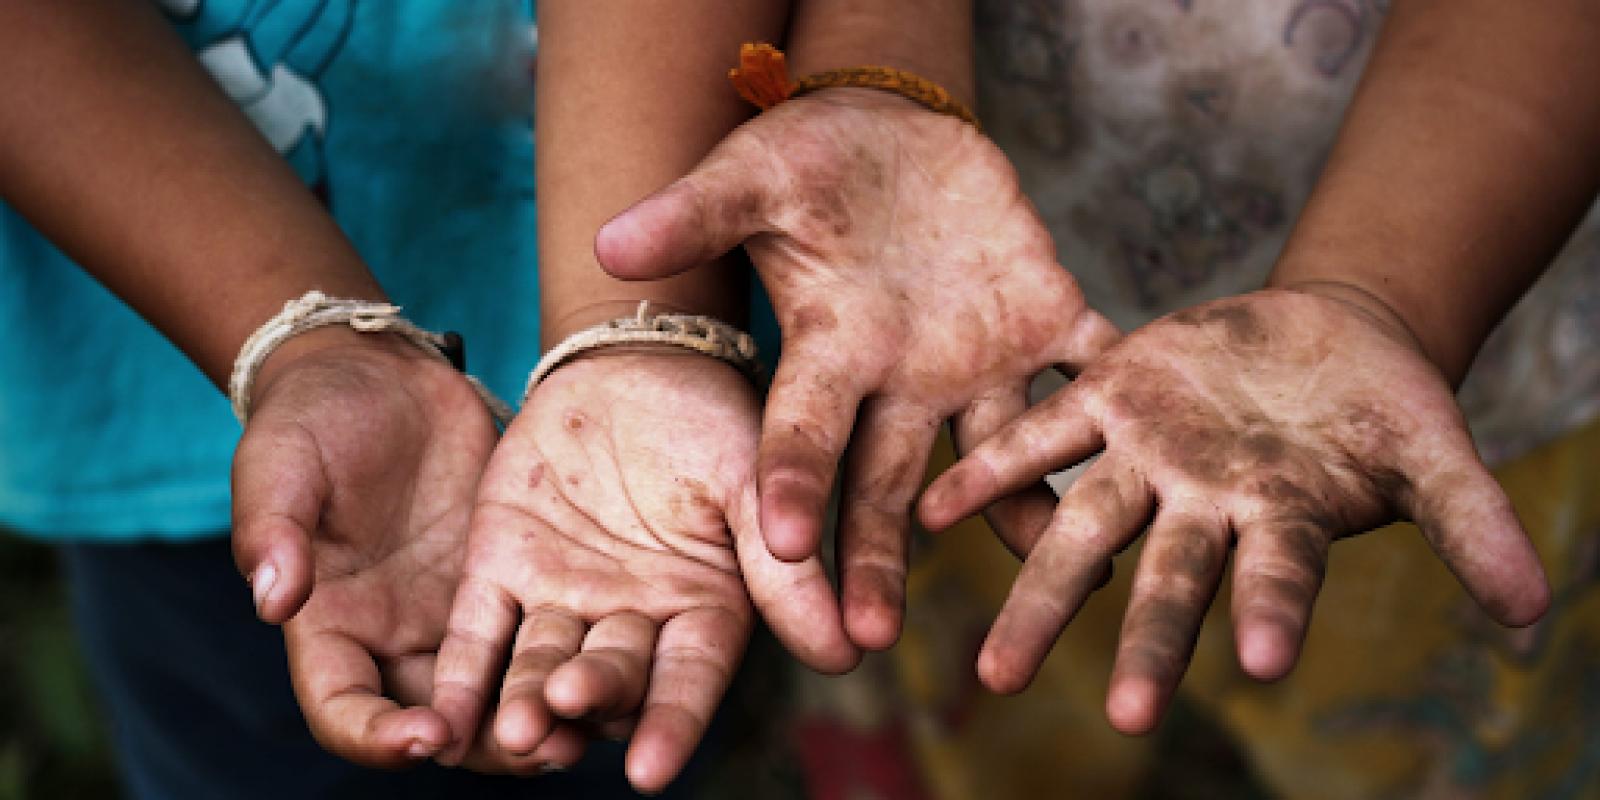 Veja informações acerca da persistência do trabalho infantil no Brasil